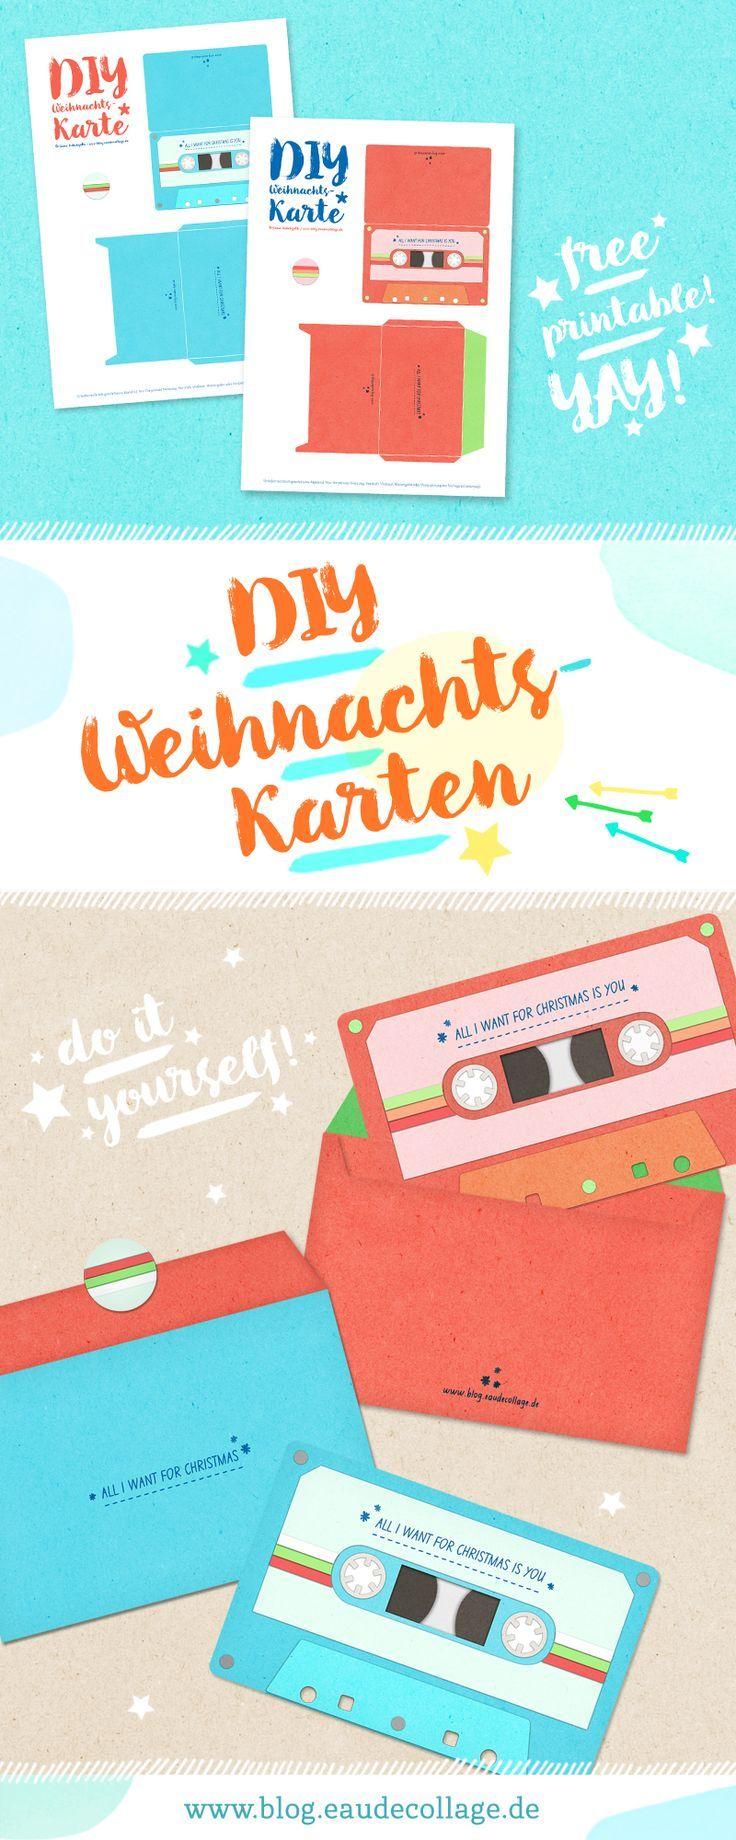 Verführerisch Weihnachtskarten Selber Basteln Vorlagen Kostenlos Beste Wahl Diy Weihnachtskarte Retro-kassette *free Printable | Inspiration